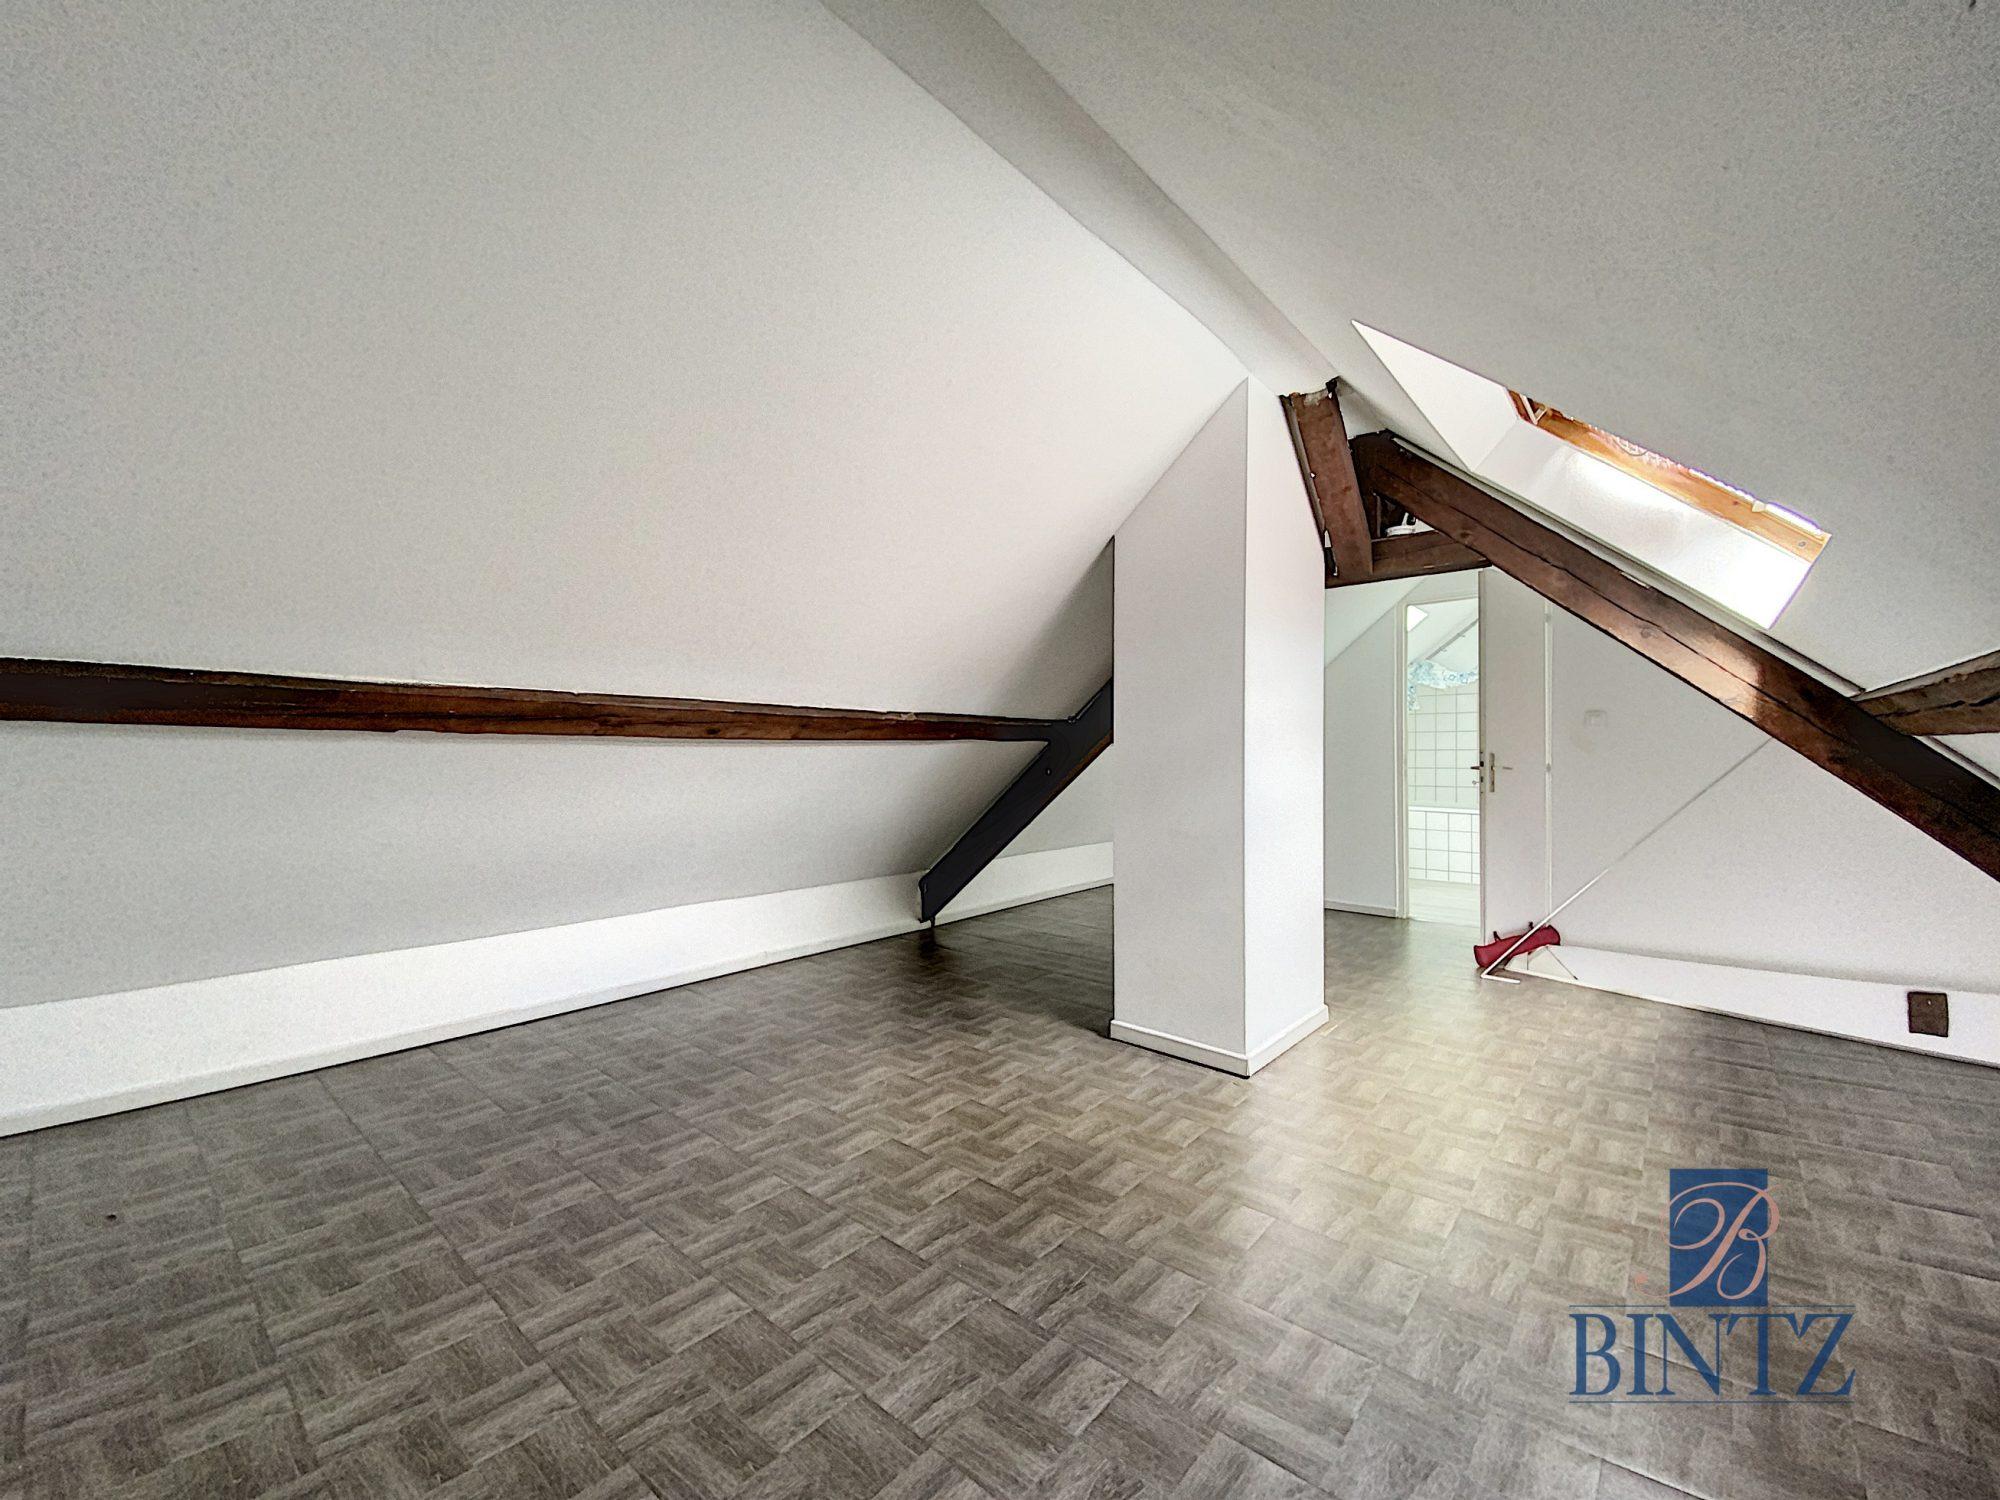 Appartement T2 à Schiltigheim - Devenez propriétaire en toute confiance - Bintz Immobilier - 2